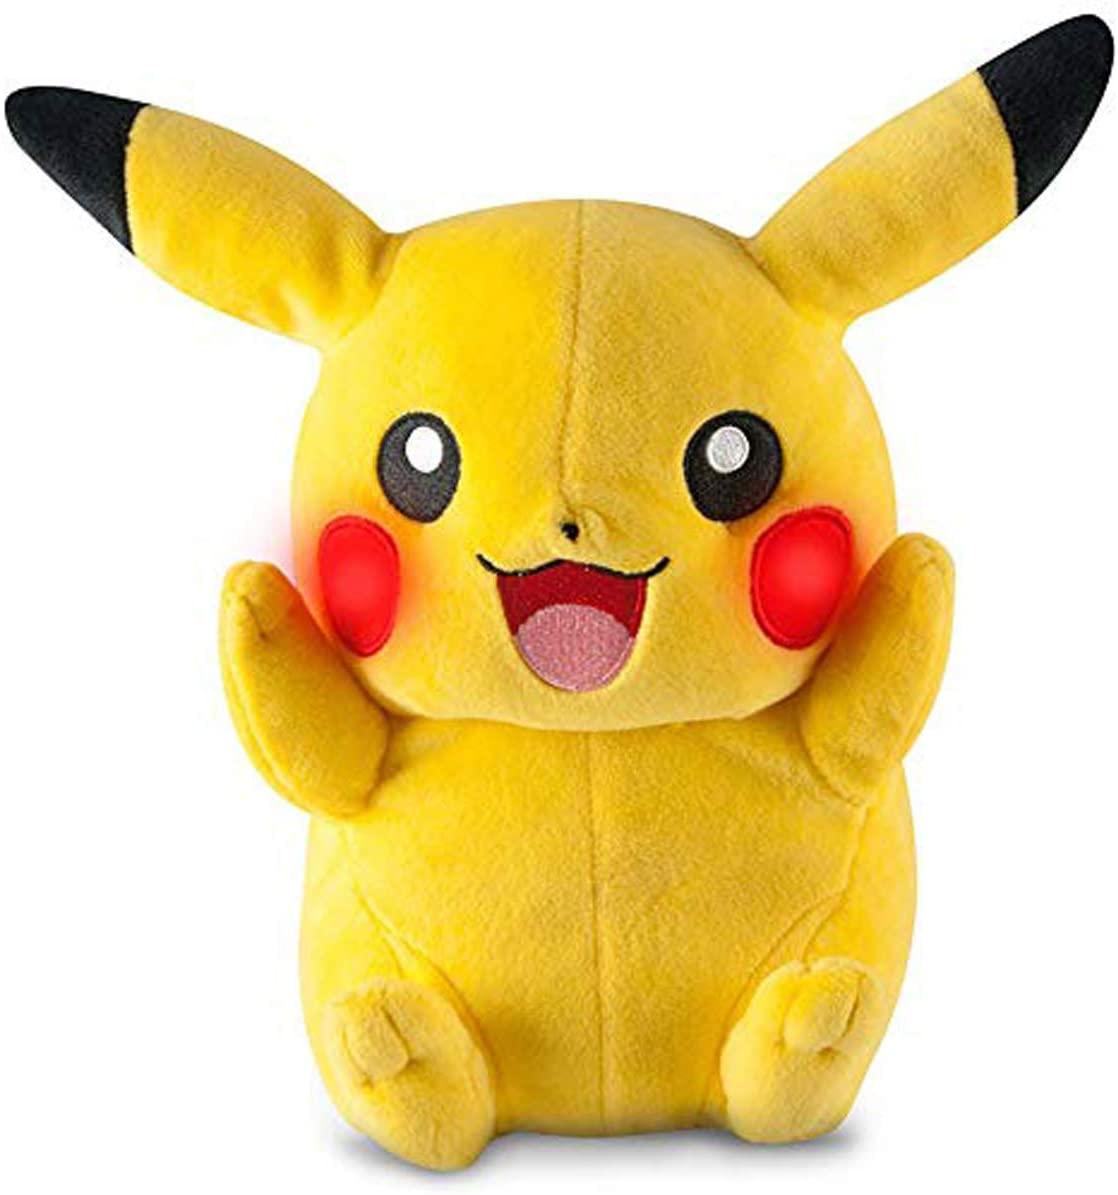 WCT Pikachu 8 Plush